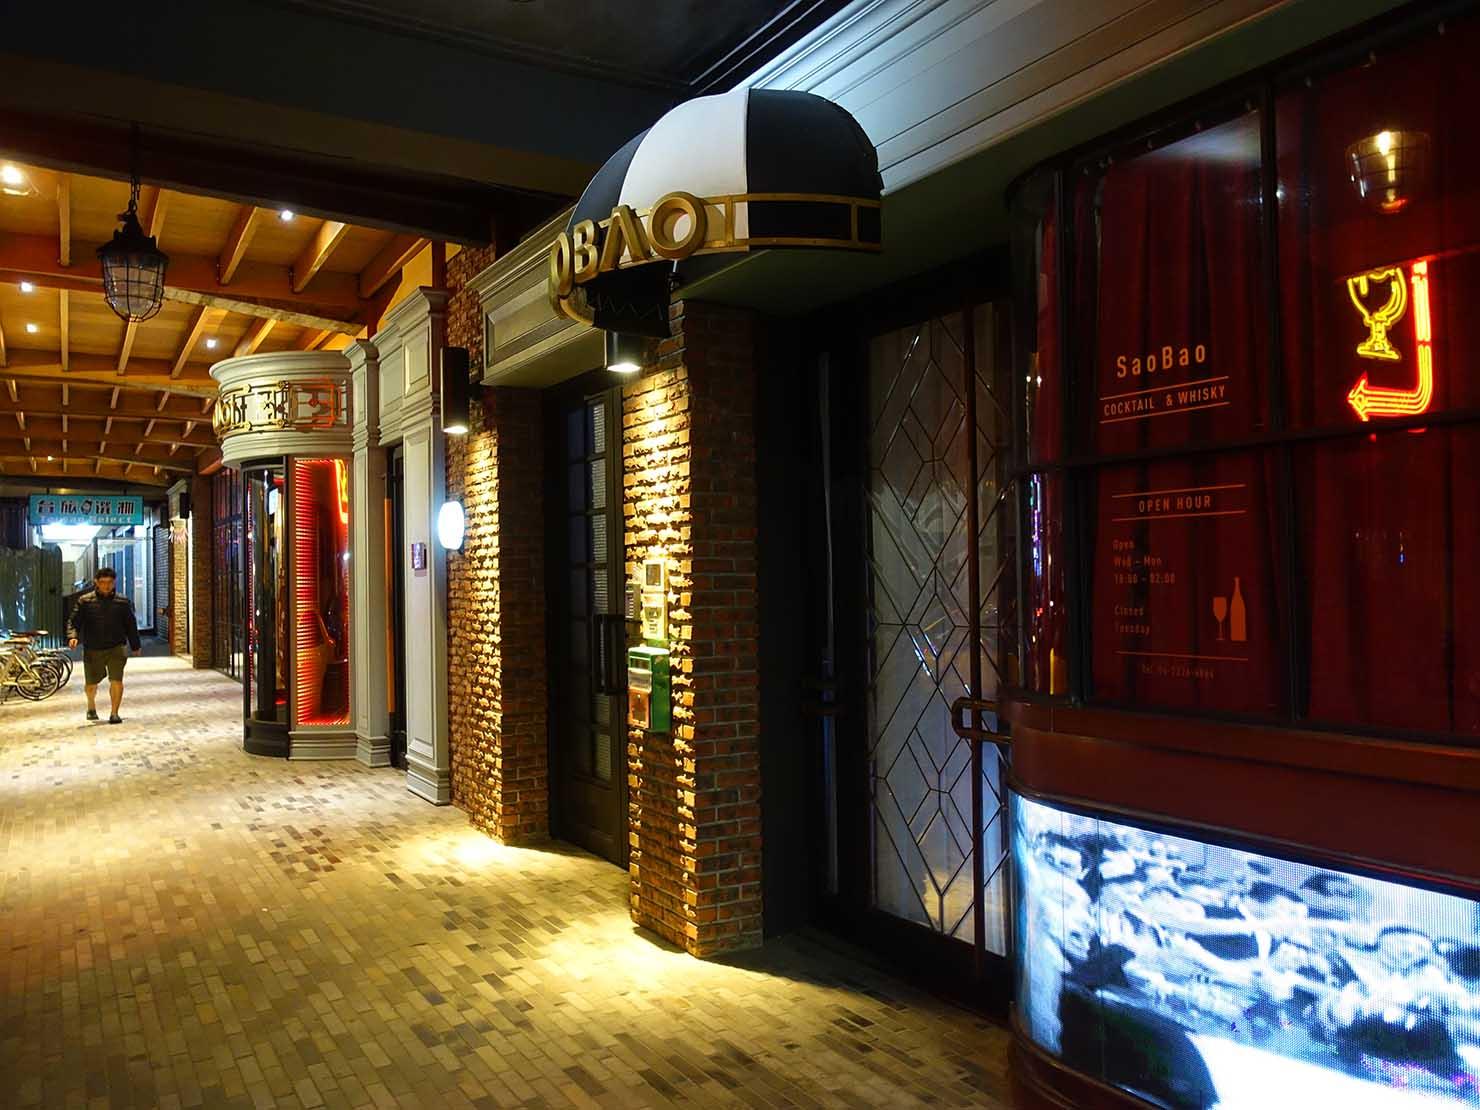 台中駅前のおすすめデザインホテル「紅點文旅 RedDot Hotel」夜のエントランス